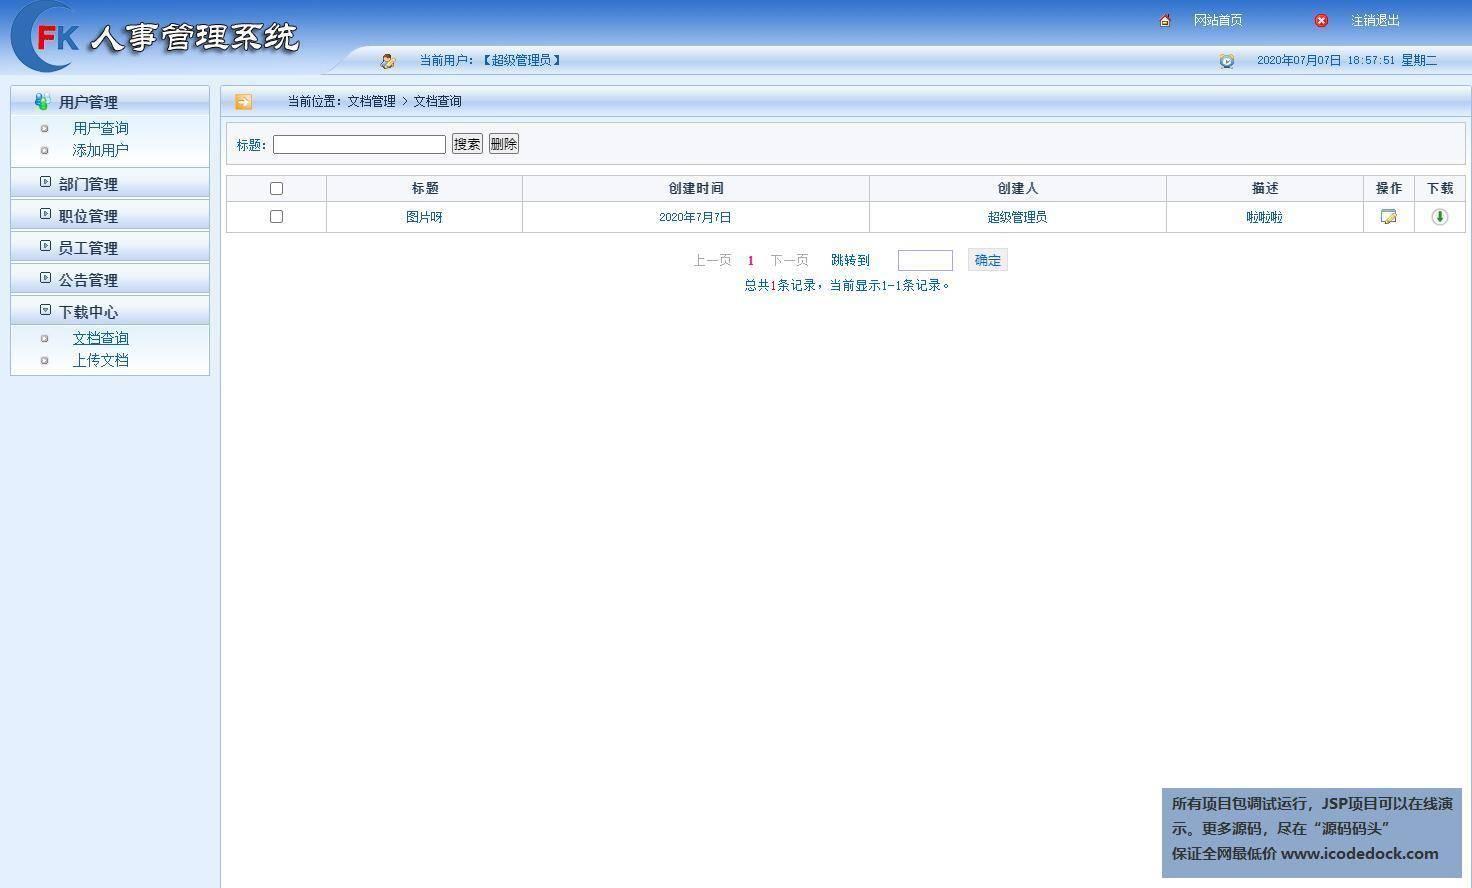 源码码头-SSM公司人事管理系统-管理员角色-文档管理